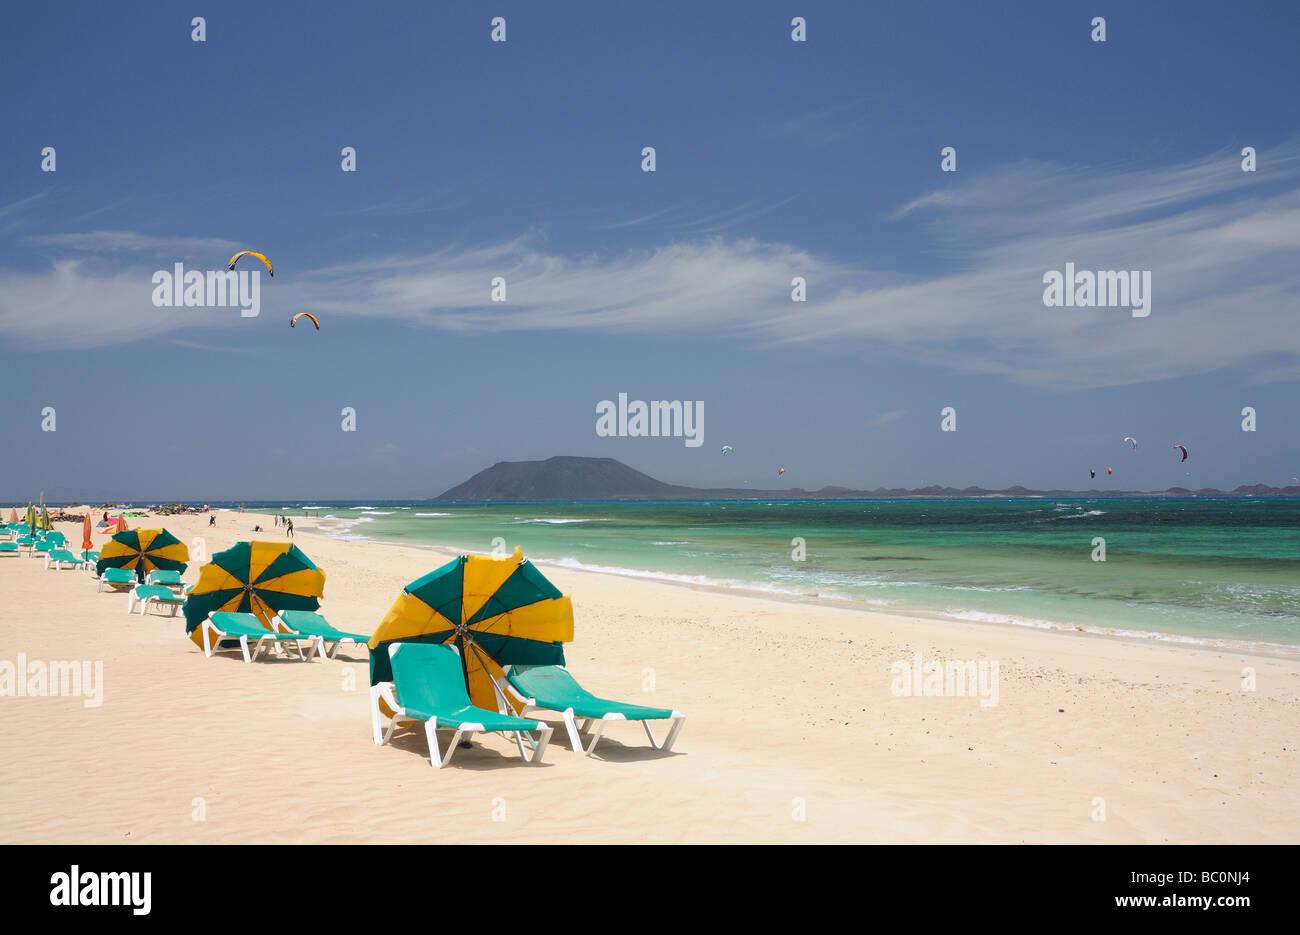 Der Strand von Corralejo, Fuerteventura Insel. Isla de Lobos im Hintergrund. Stockbild